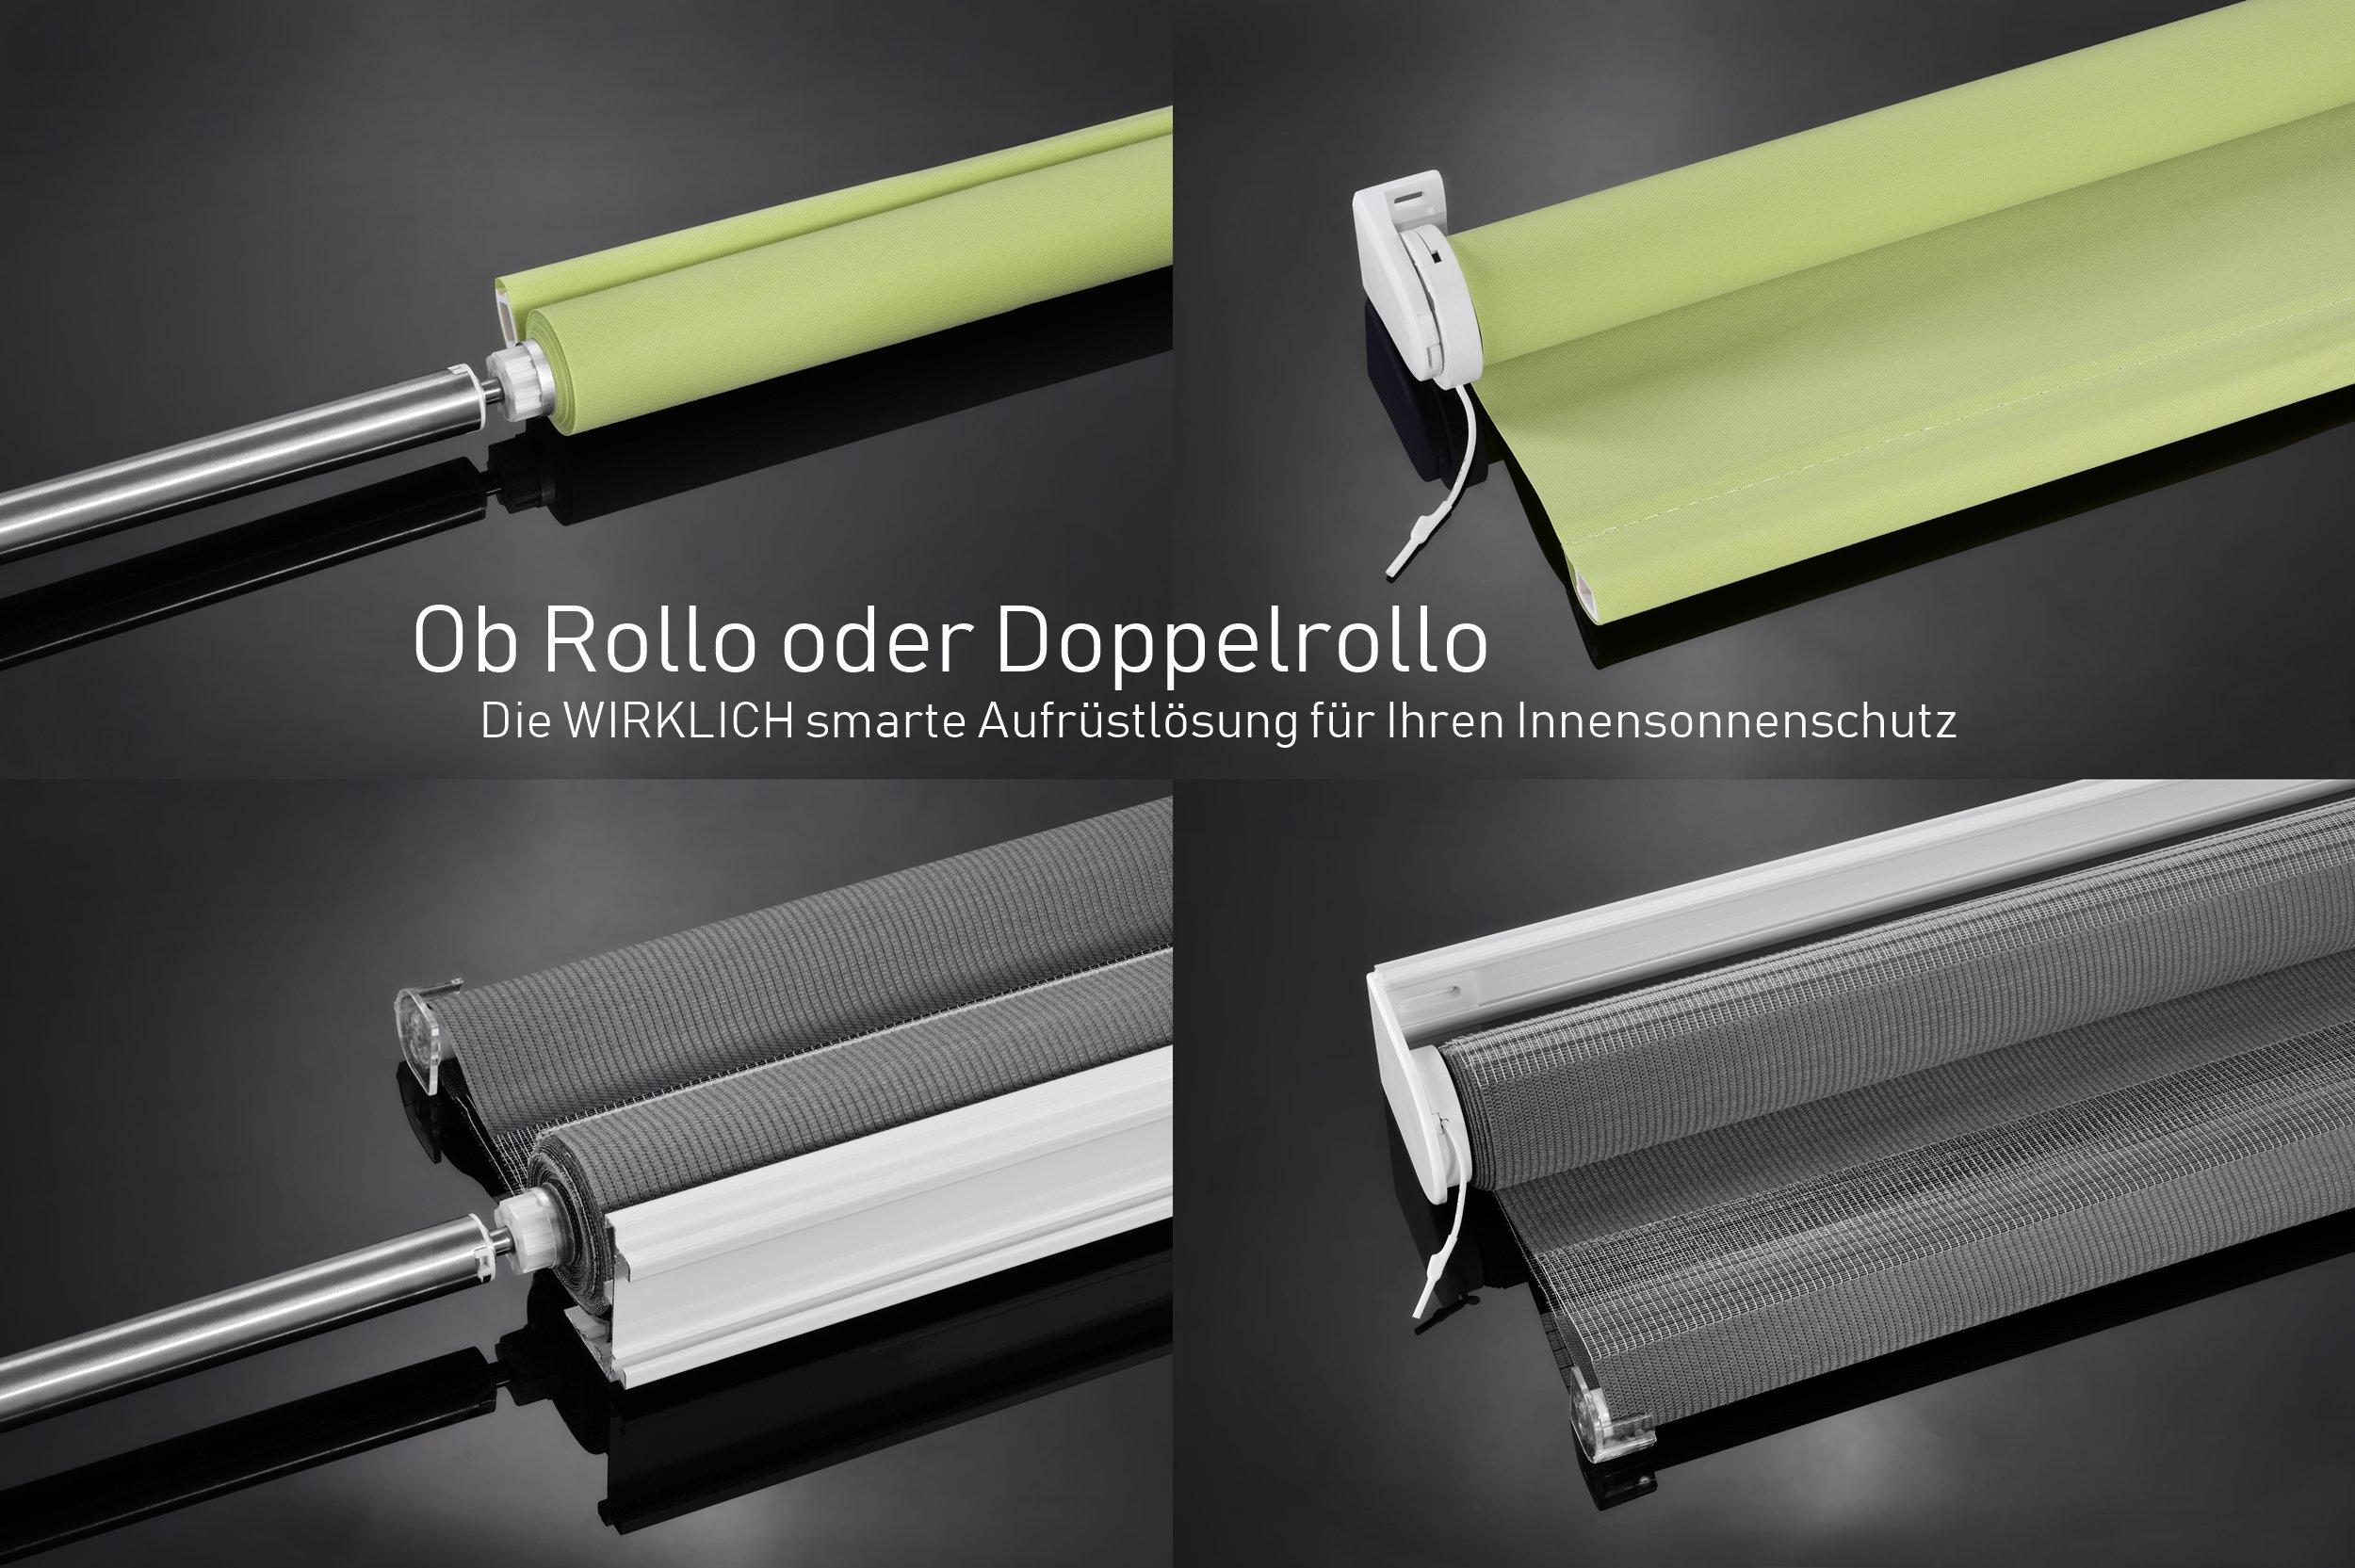 elektrische rollos rollos elektrisch gesteuert rollos wien hellsan elektrische rollos haus. Black Bedroom Furniture Sets. Home Design Ideas